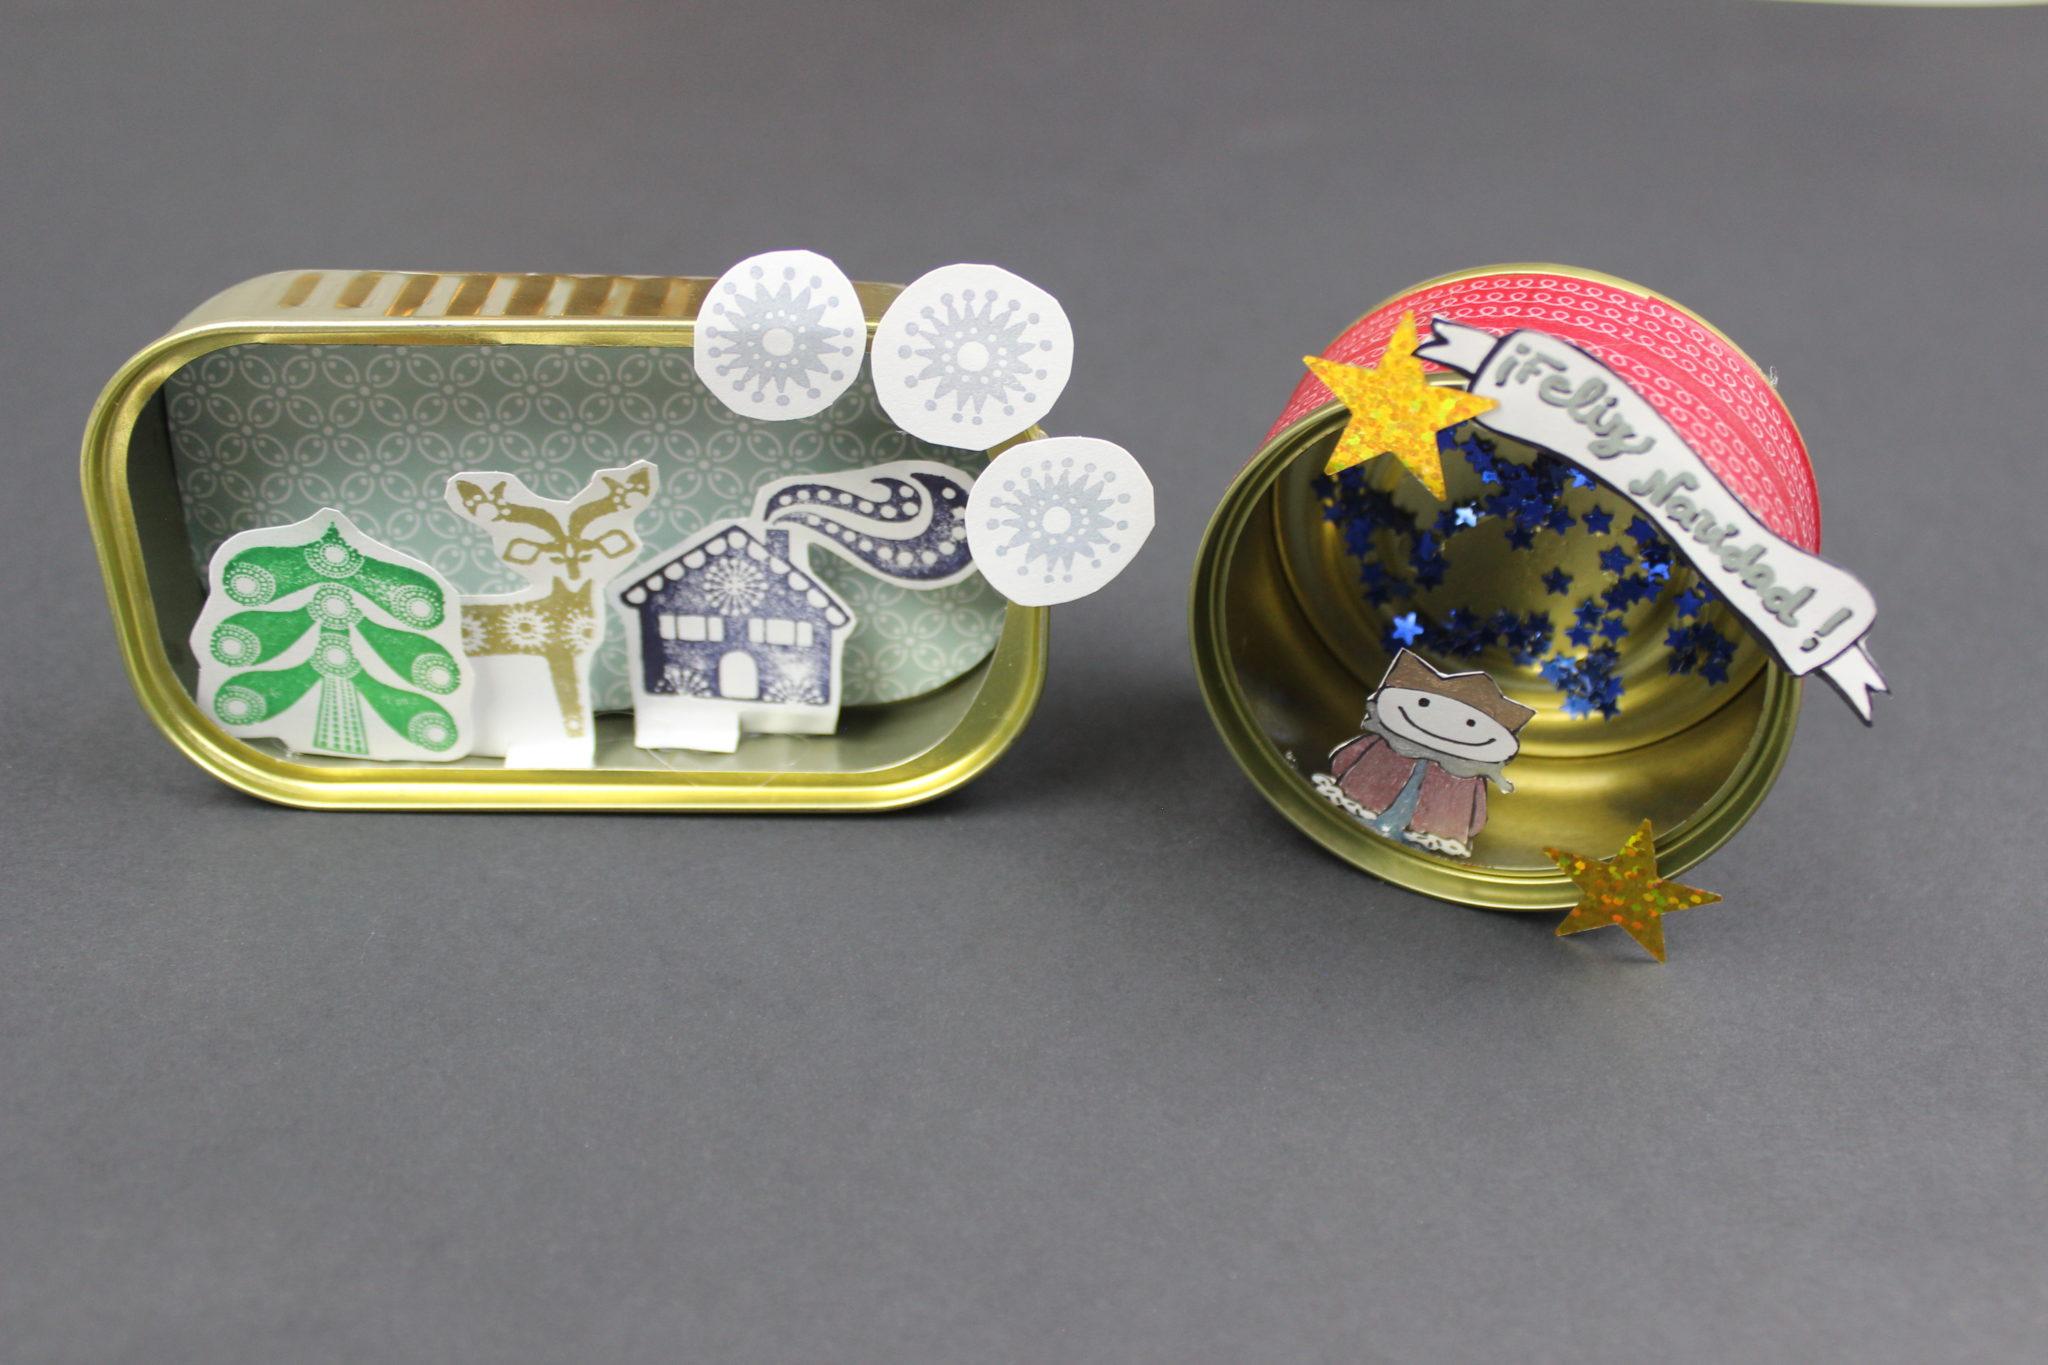 manualidades con latas de aluminio navideñas